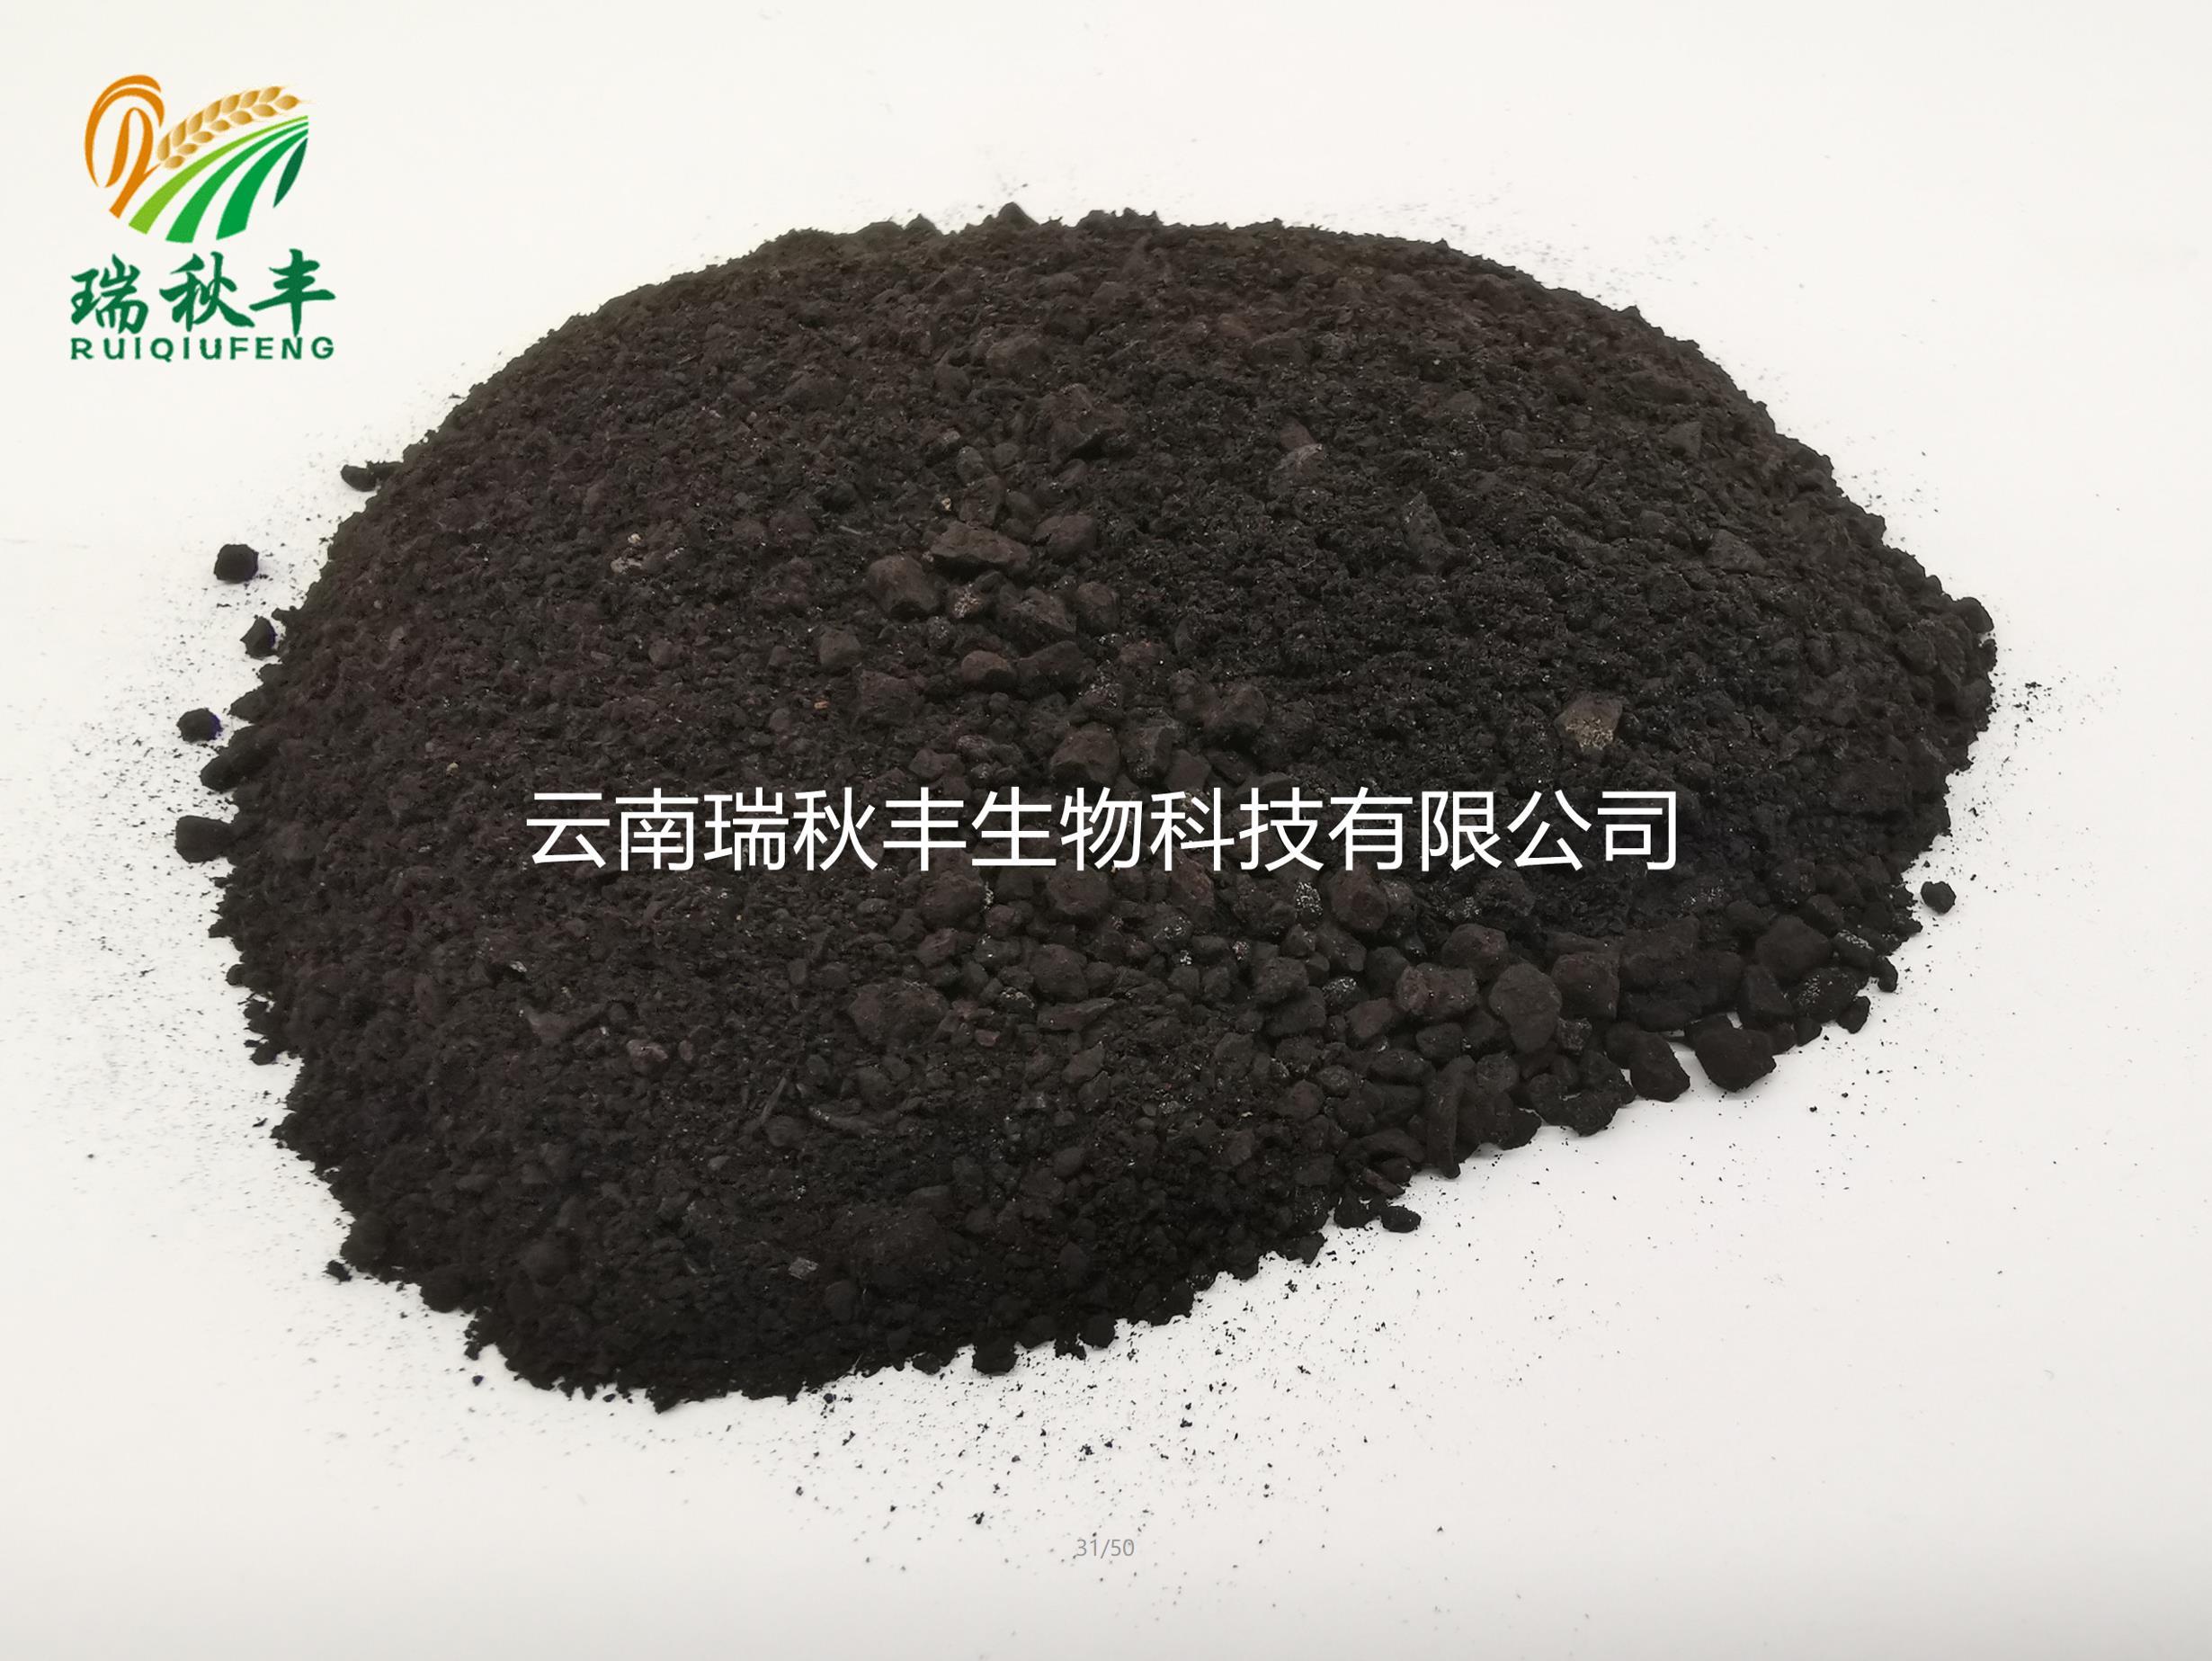 腐植酸原粉 粗粉